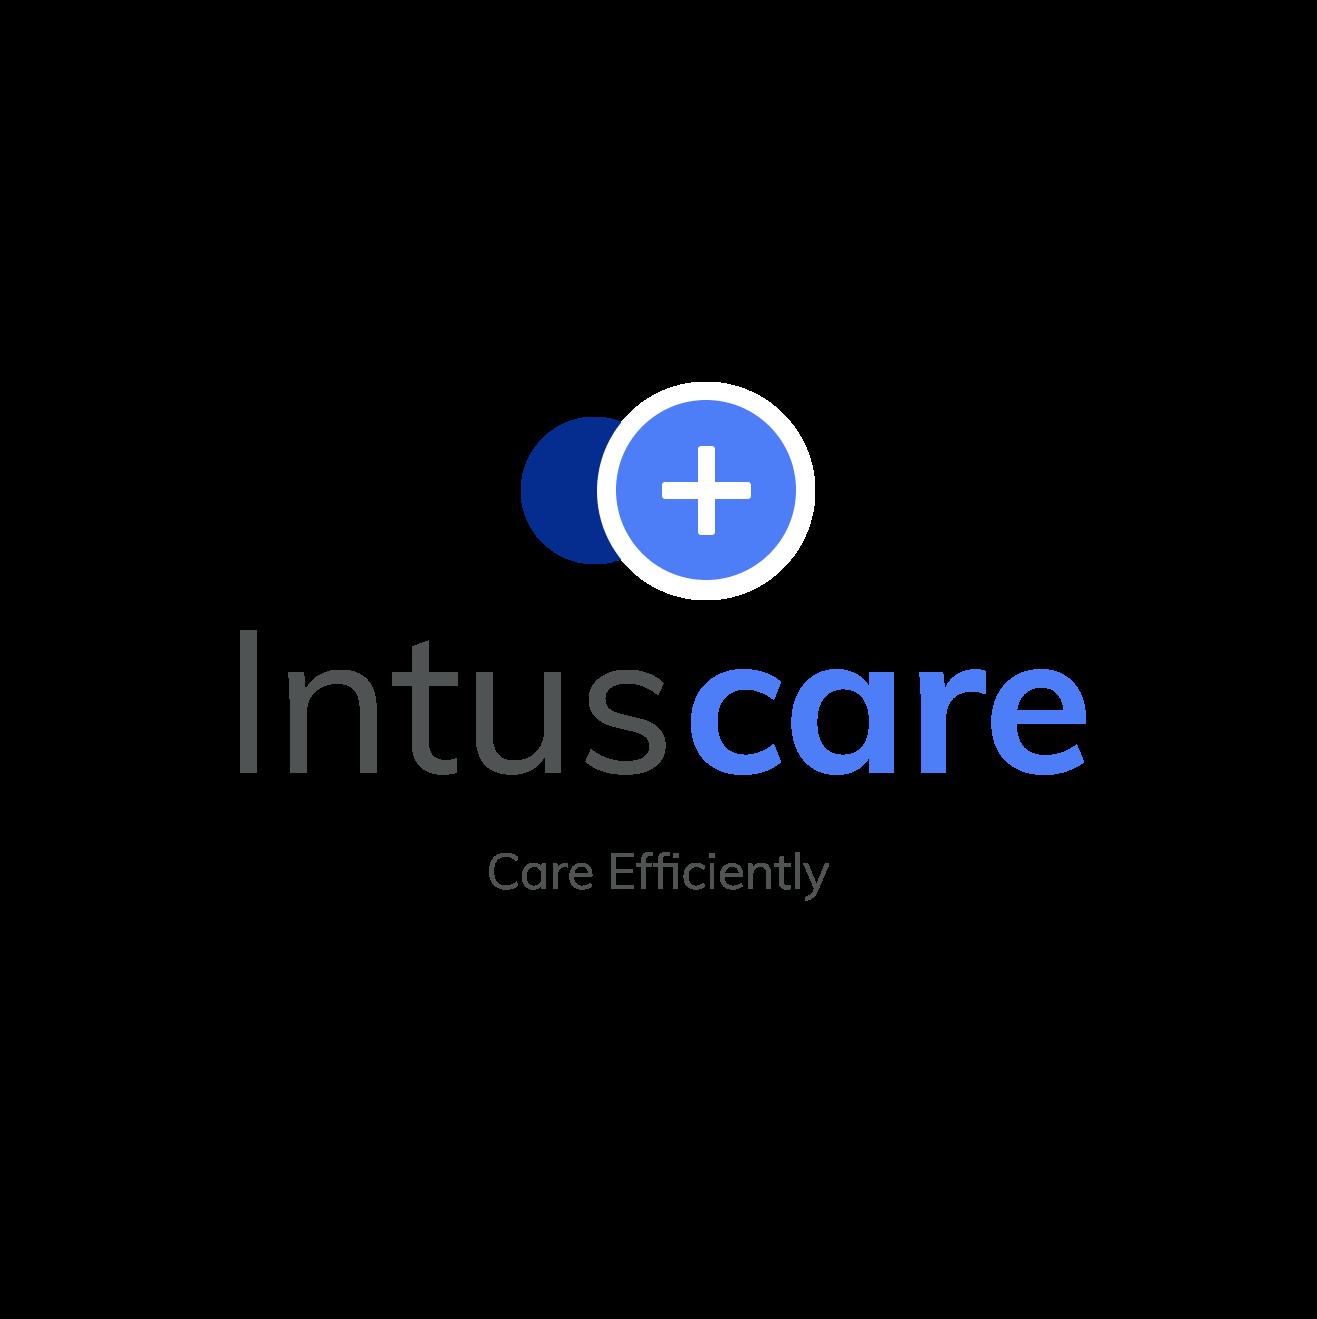 intuscare